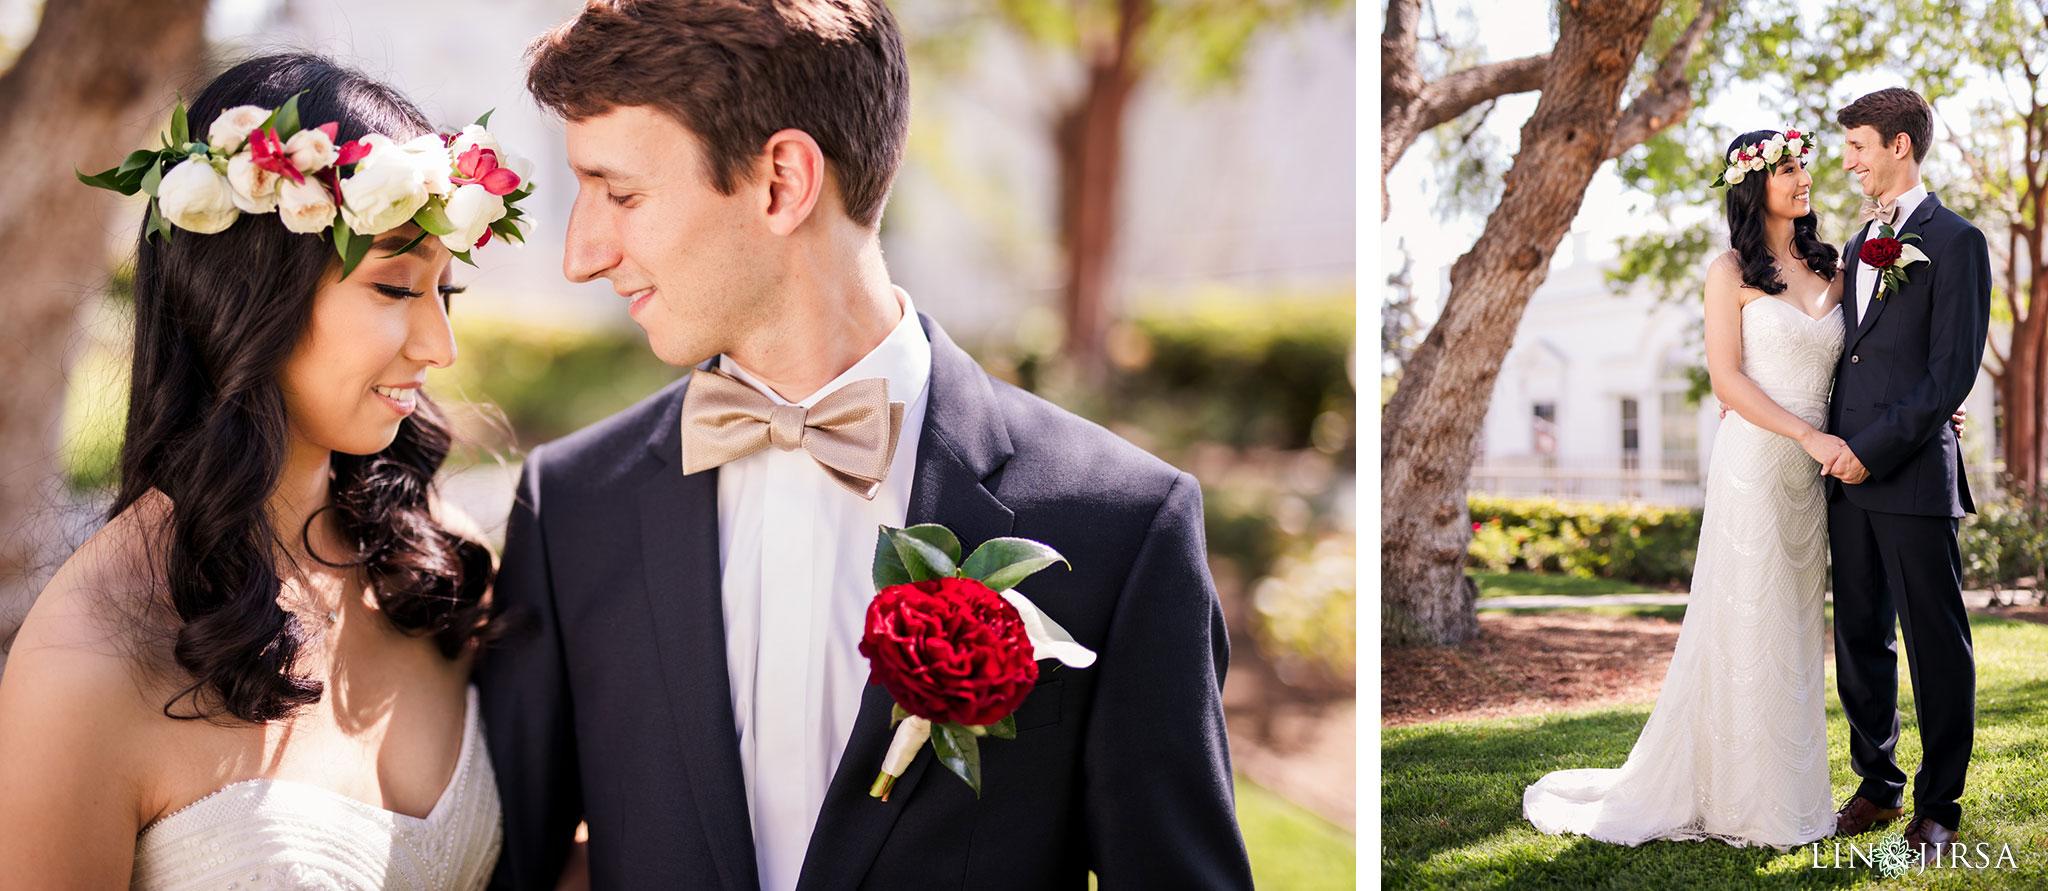 014 richard nixon library wedding photography